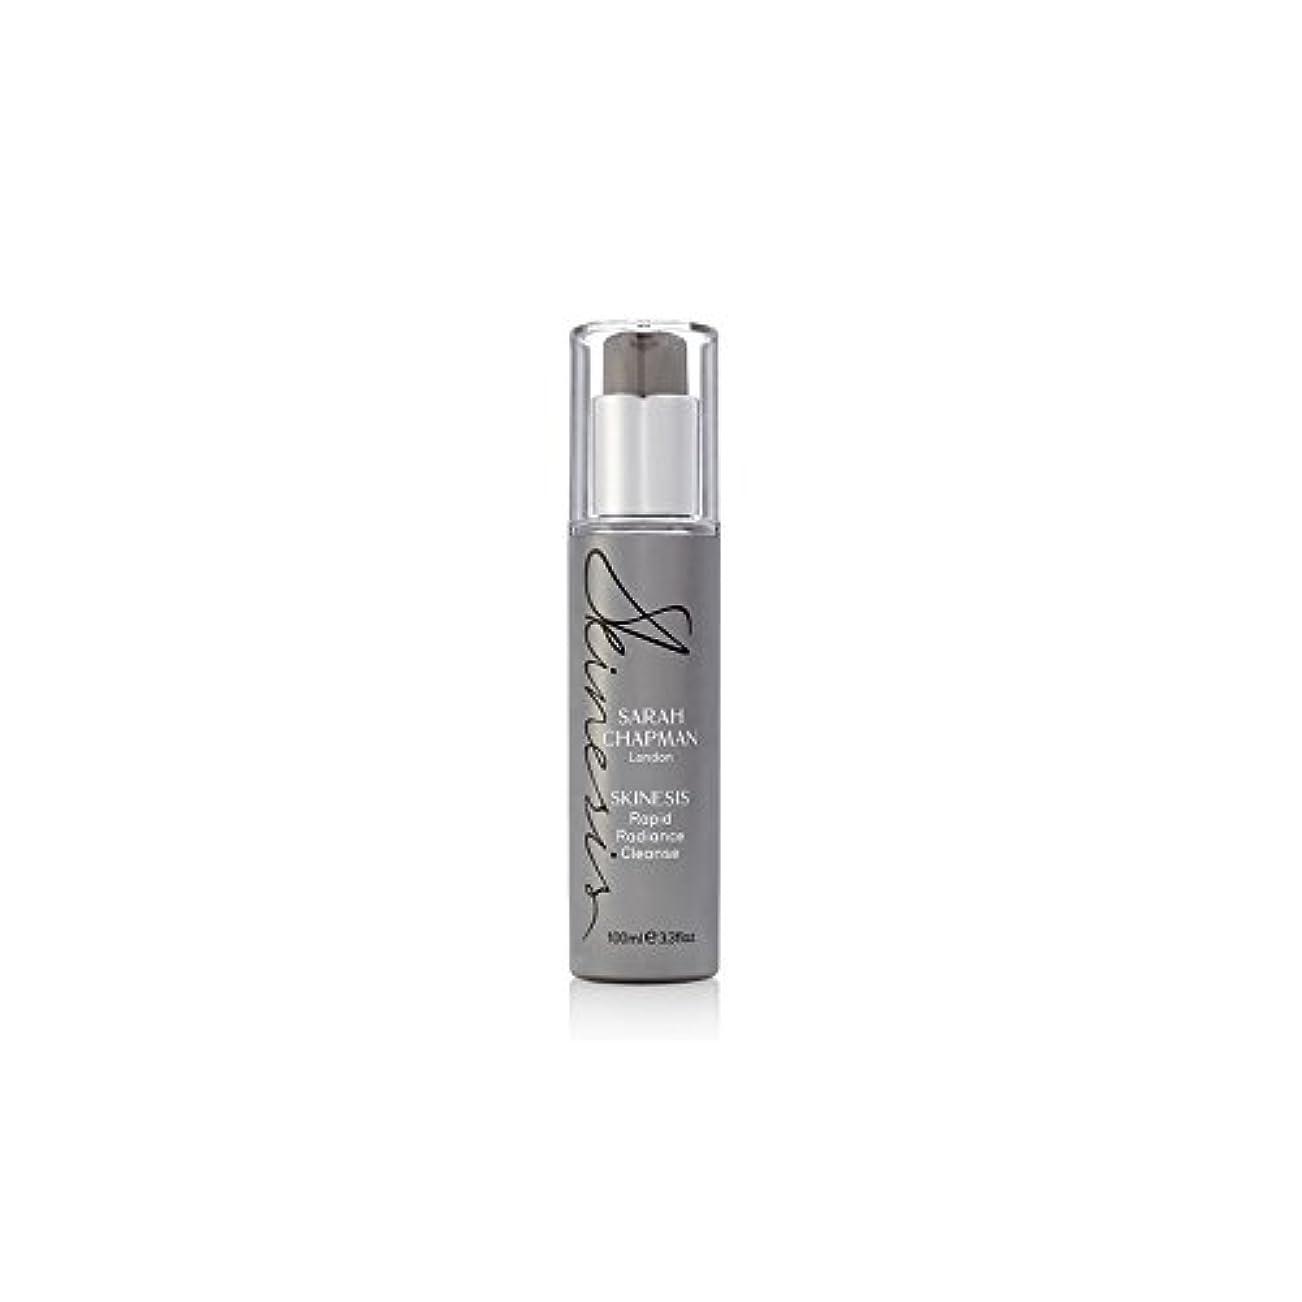 アンタゴニスト混合した提出するSarah Chapman Skinesis Rapid Radiance Cleanse (100ml) (Pack of 6) - サラ?チャップマン迅速な輝きの浄化(100ミリリットル) x6 [並行輸入品]